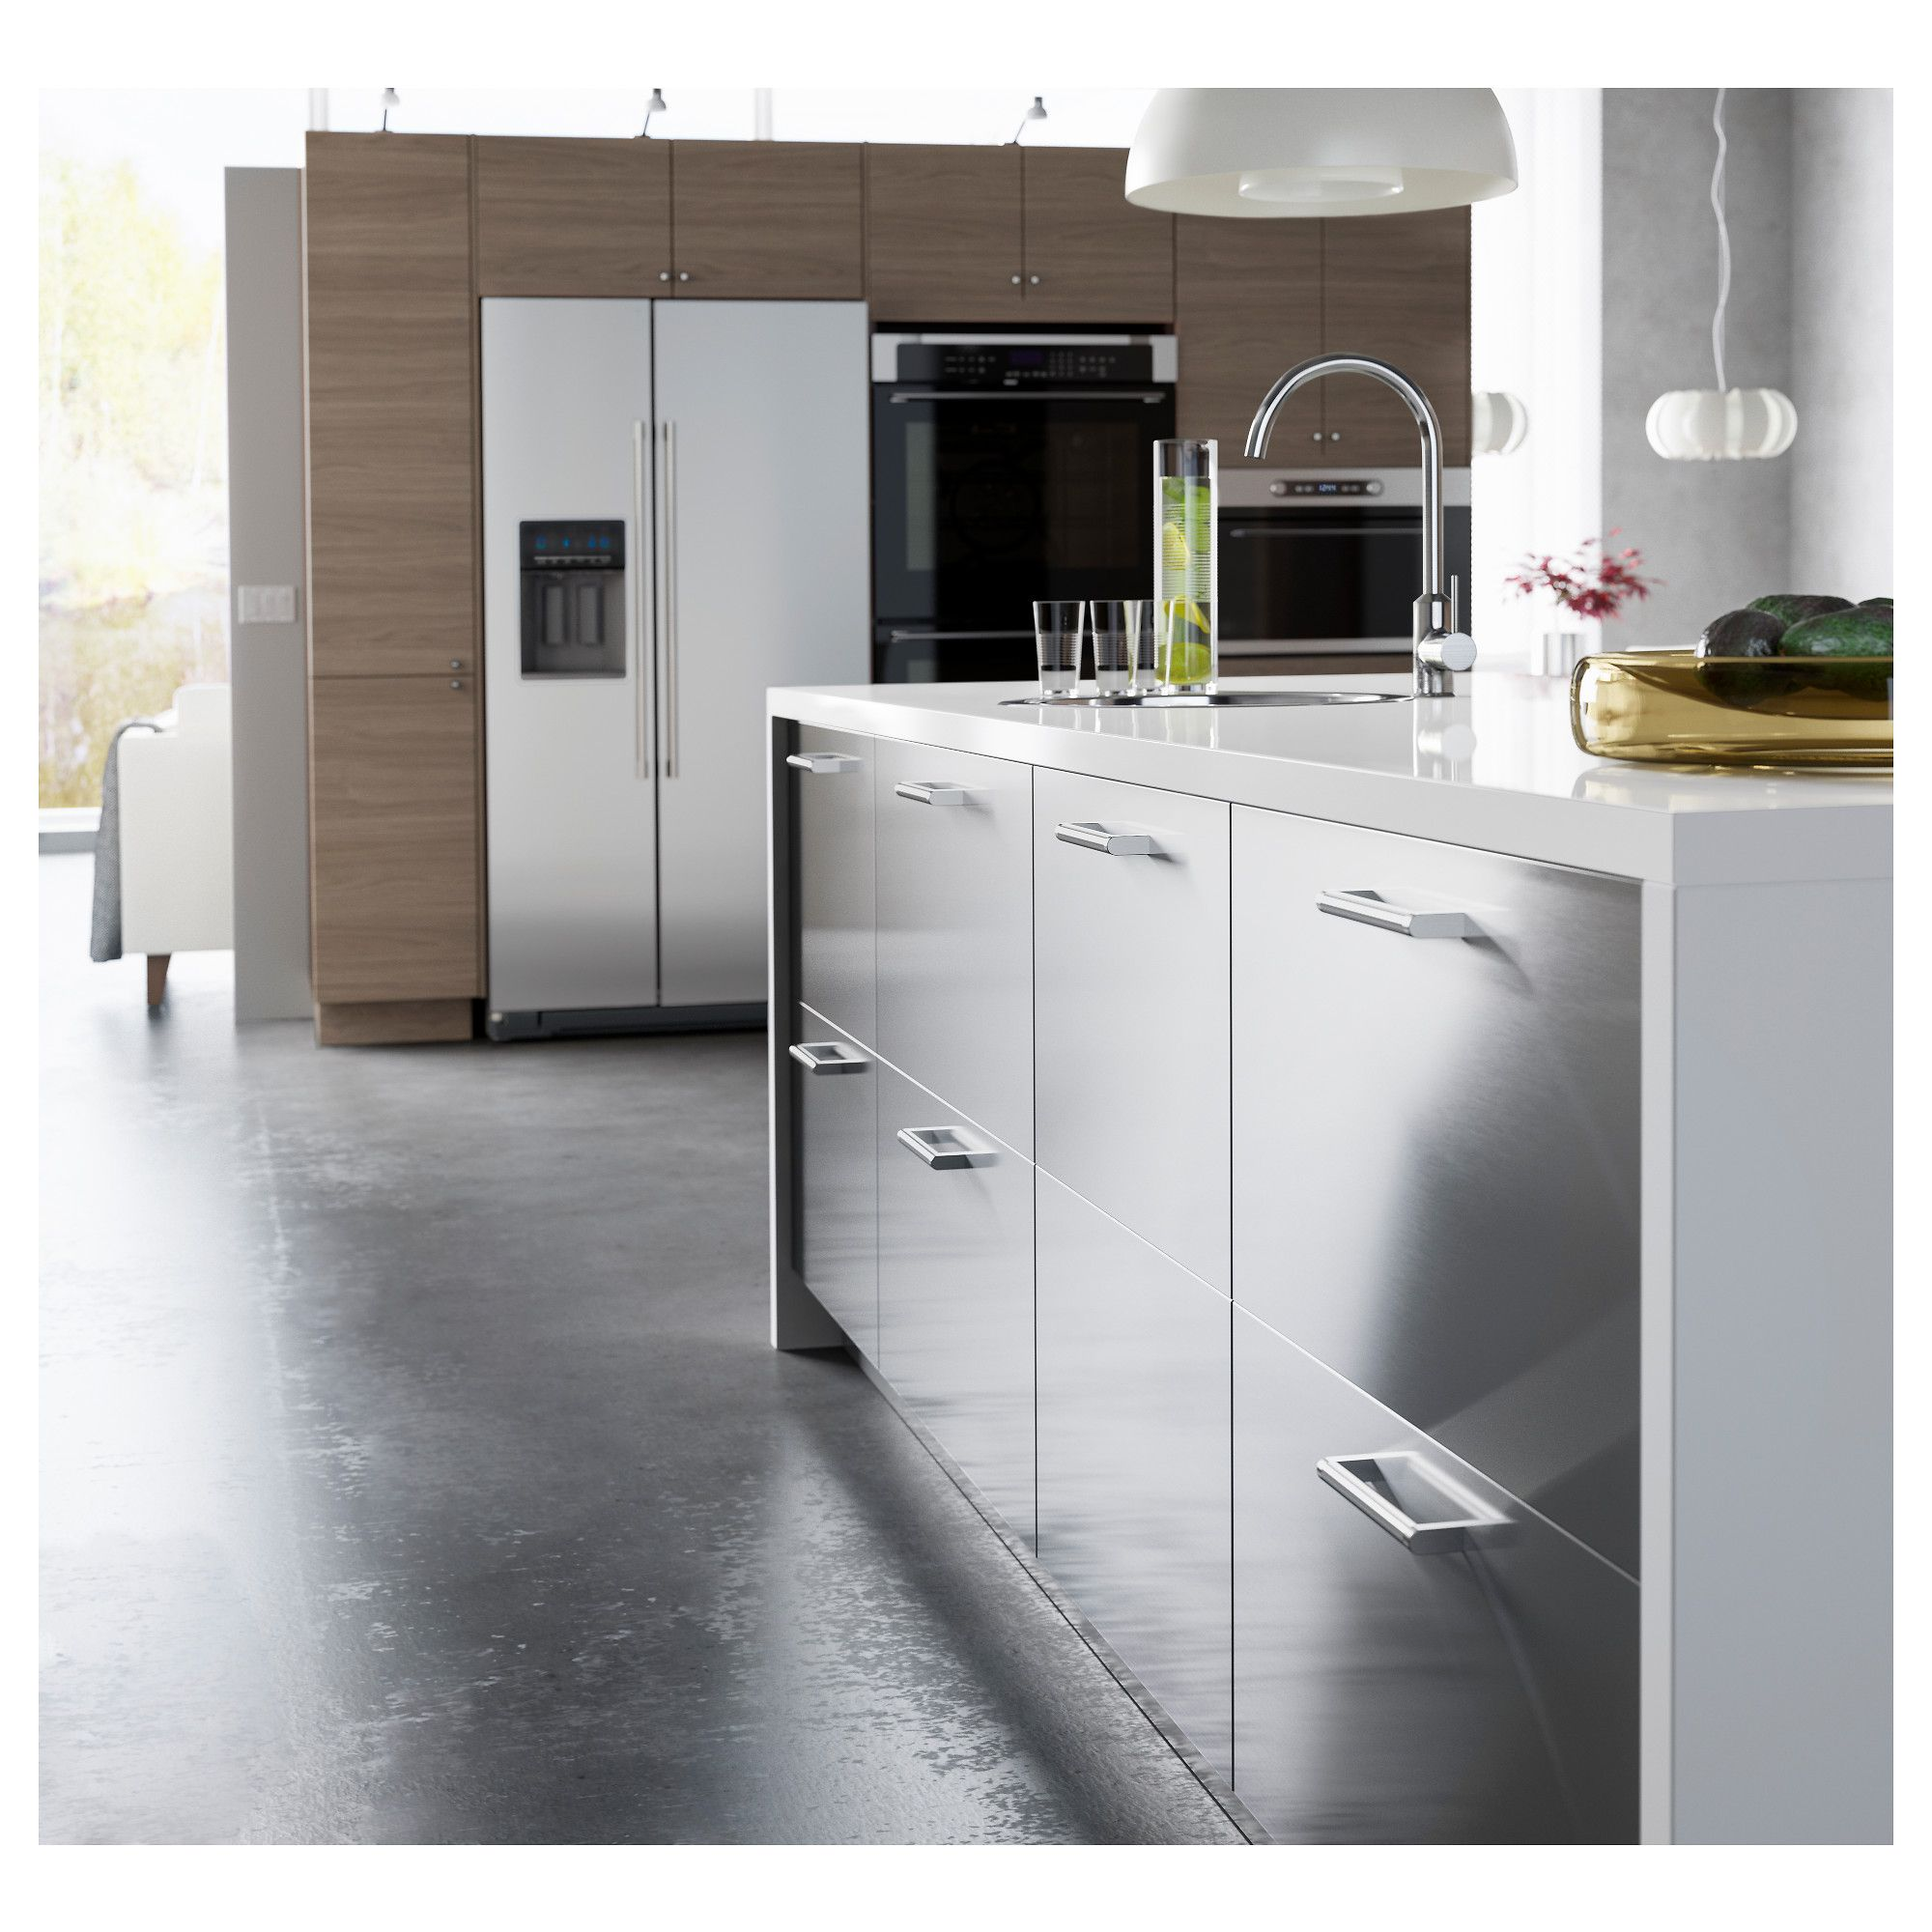 Ikea Grevsta Door Stainless Steel Kitchen Kitchen Ikea